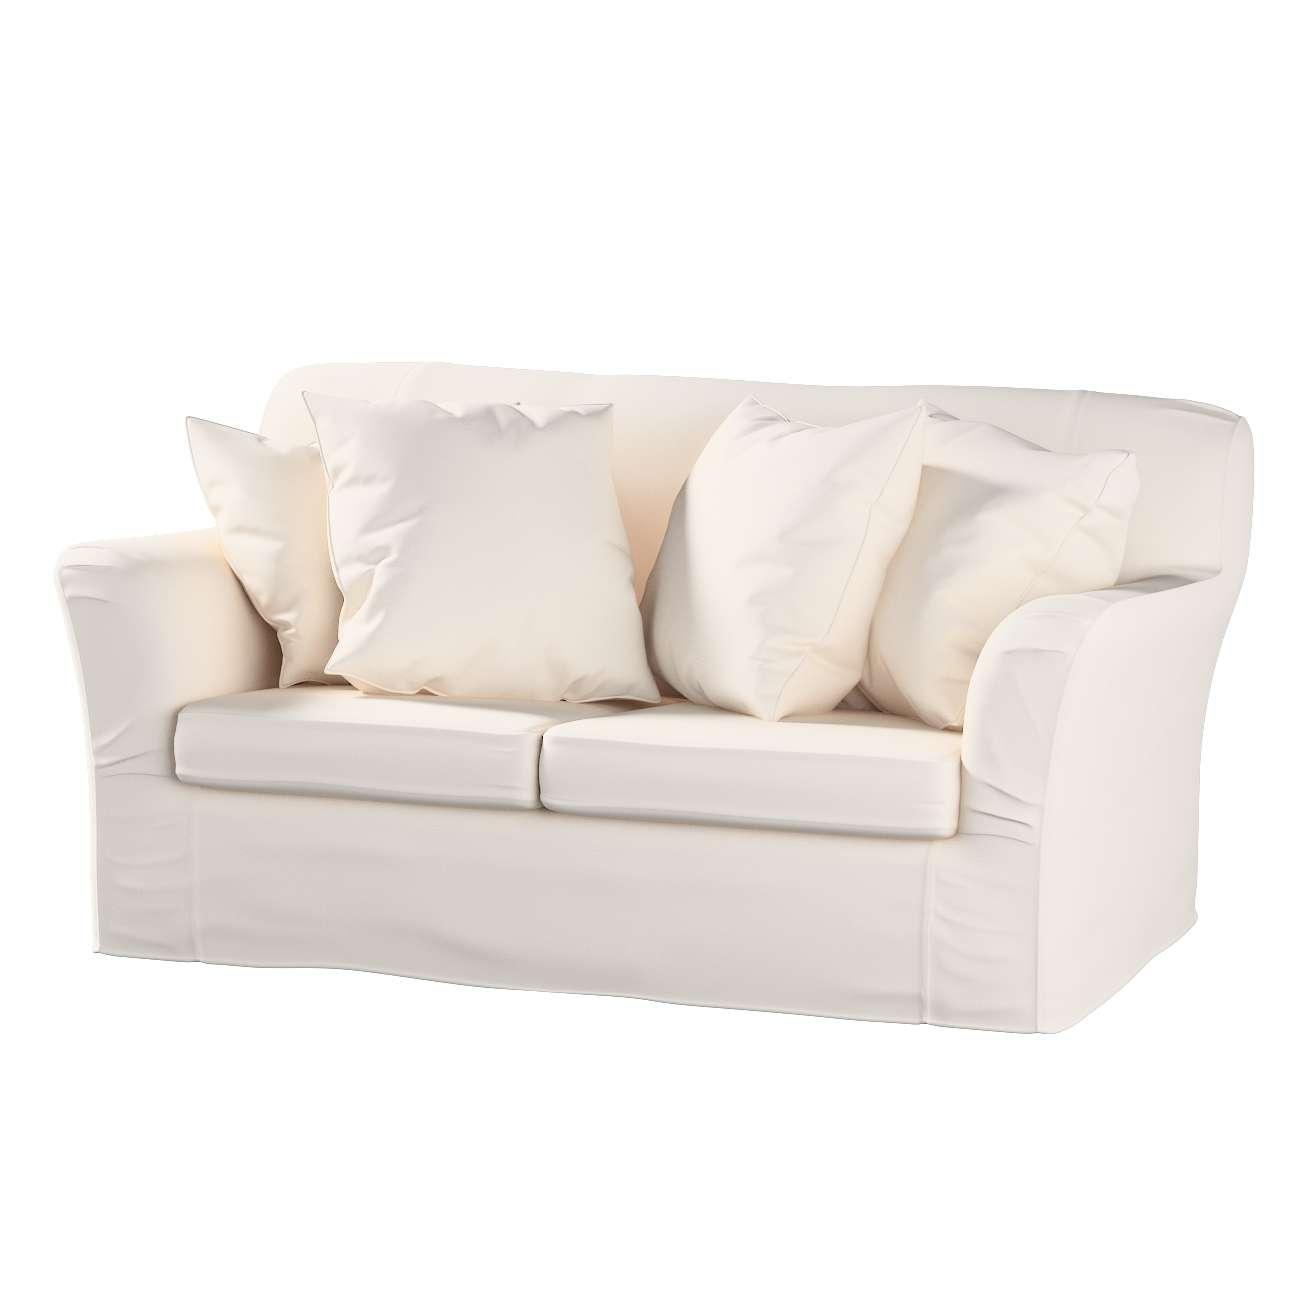 Tomelilla 2-seater sofa cover Tomelilla 2-seat sofa in collection Etna, fabric: 705-01